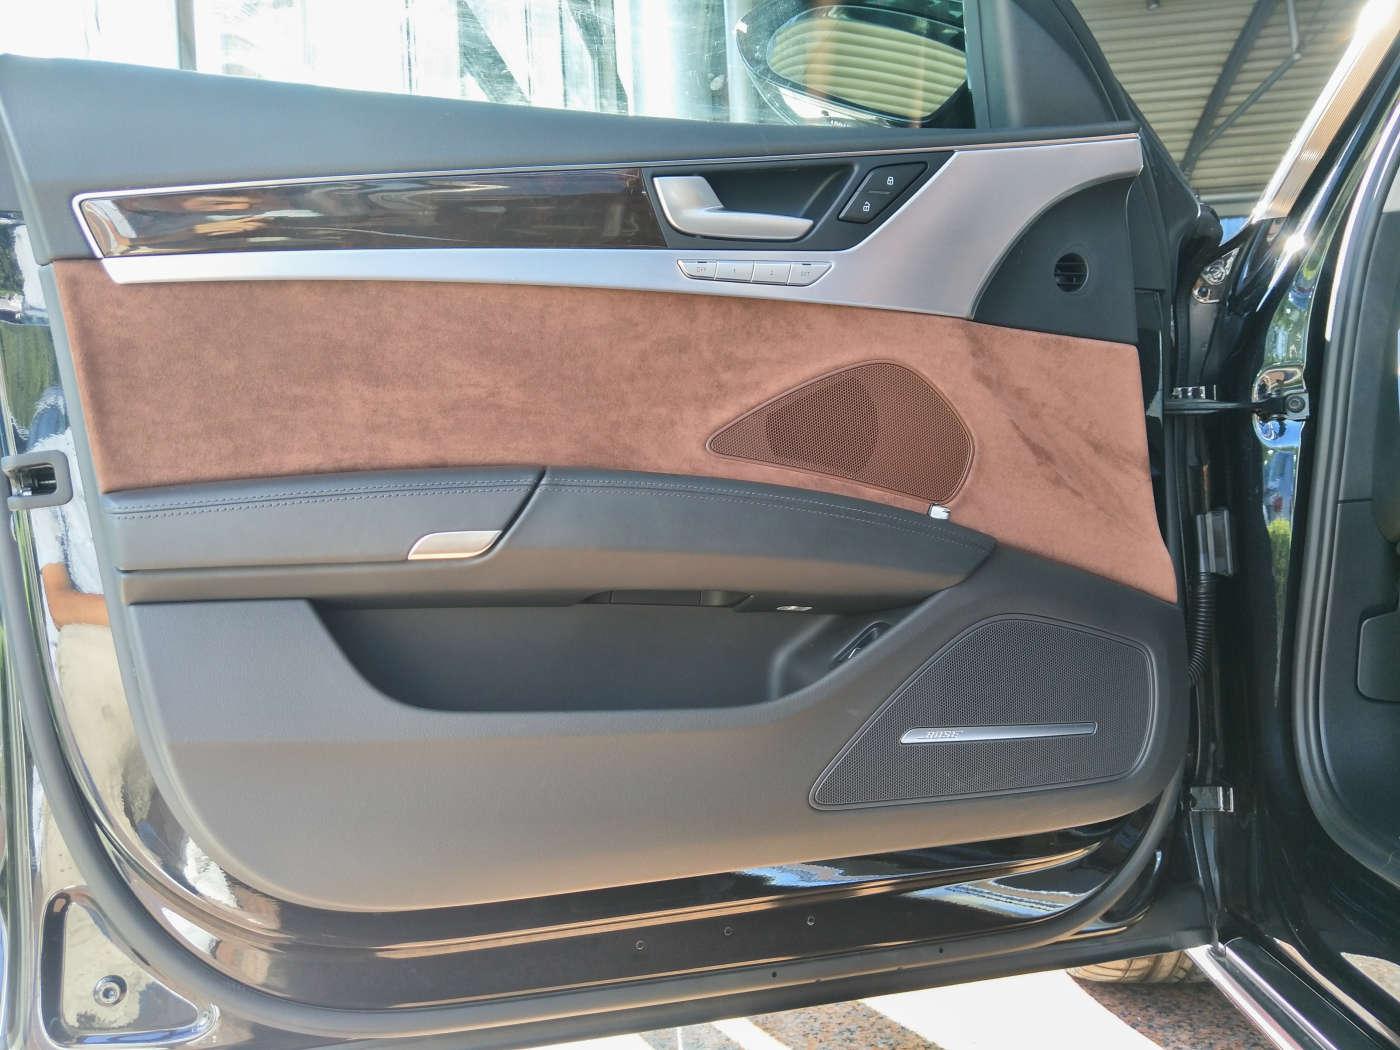 2015年04月 奥迪A8 2014款 A8L 45 TFSI quattro豪华型|甄选奥迪-北京卡斯基汽车服务有限公司